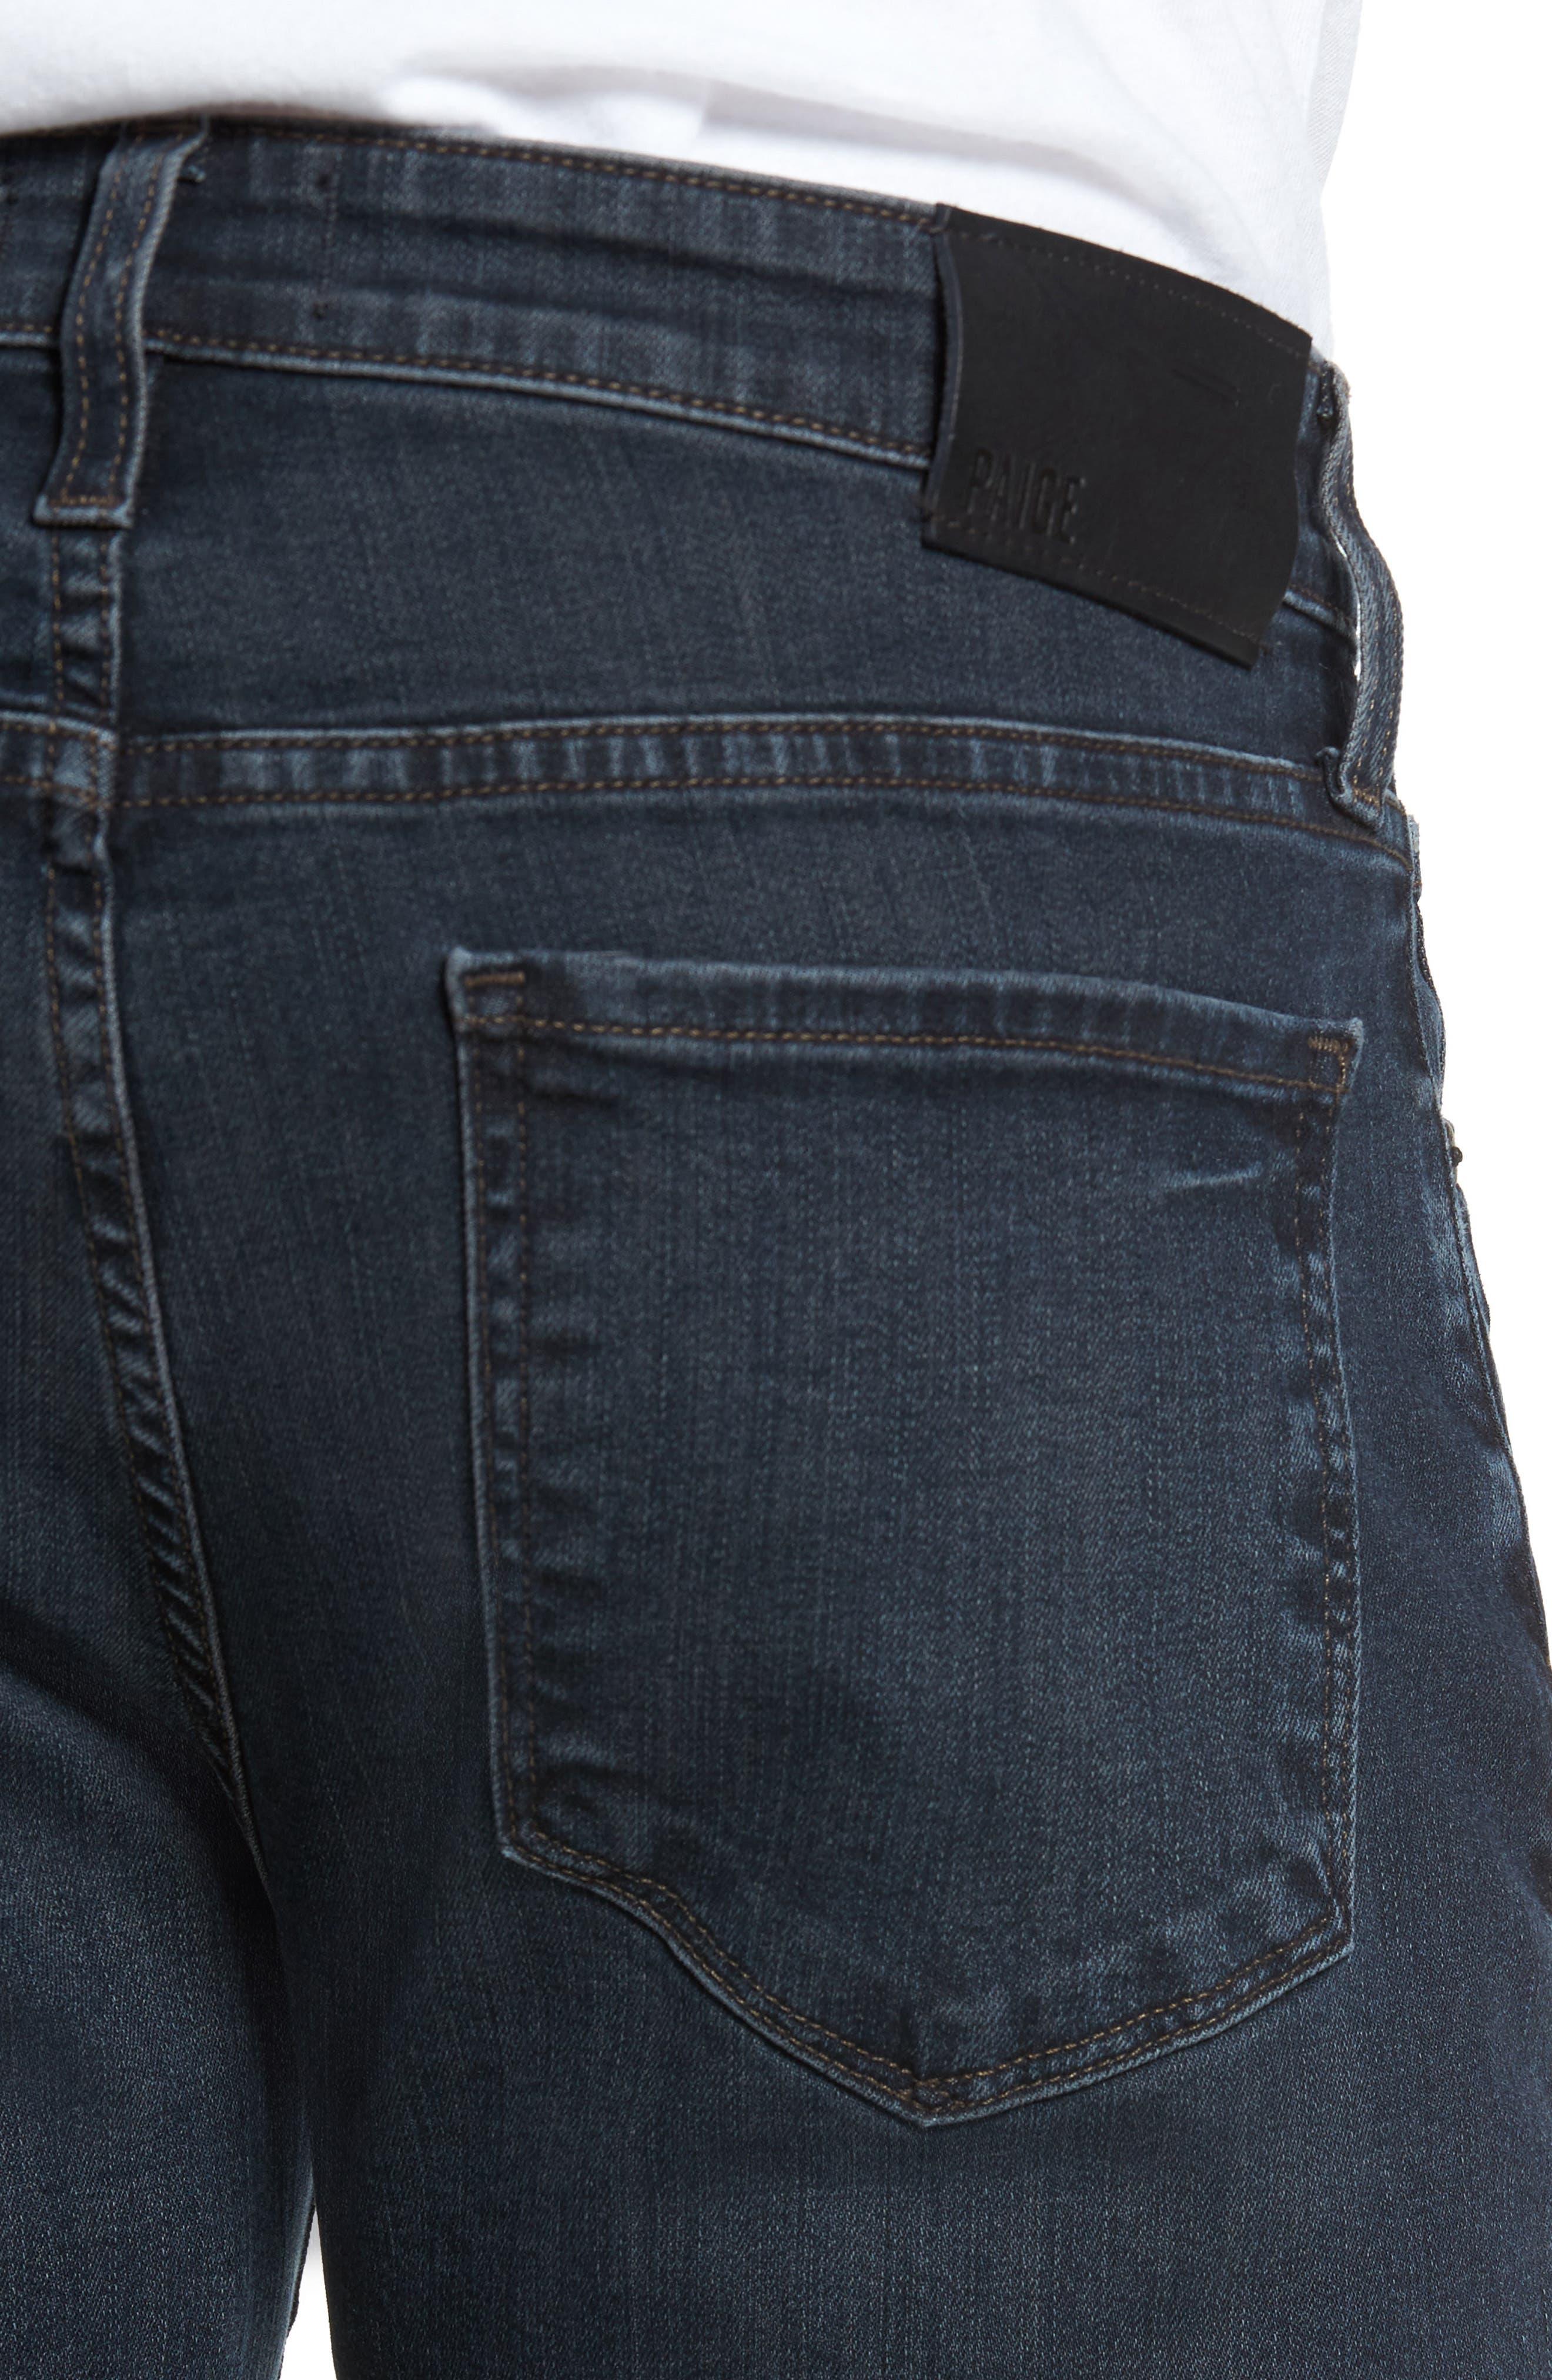 Lennox Slim Fit Jeans,                             Alternate thumbnail 4, color,                             Triton